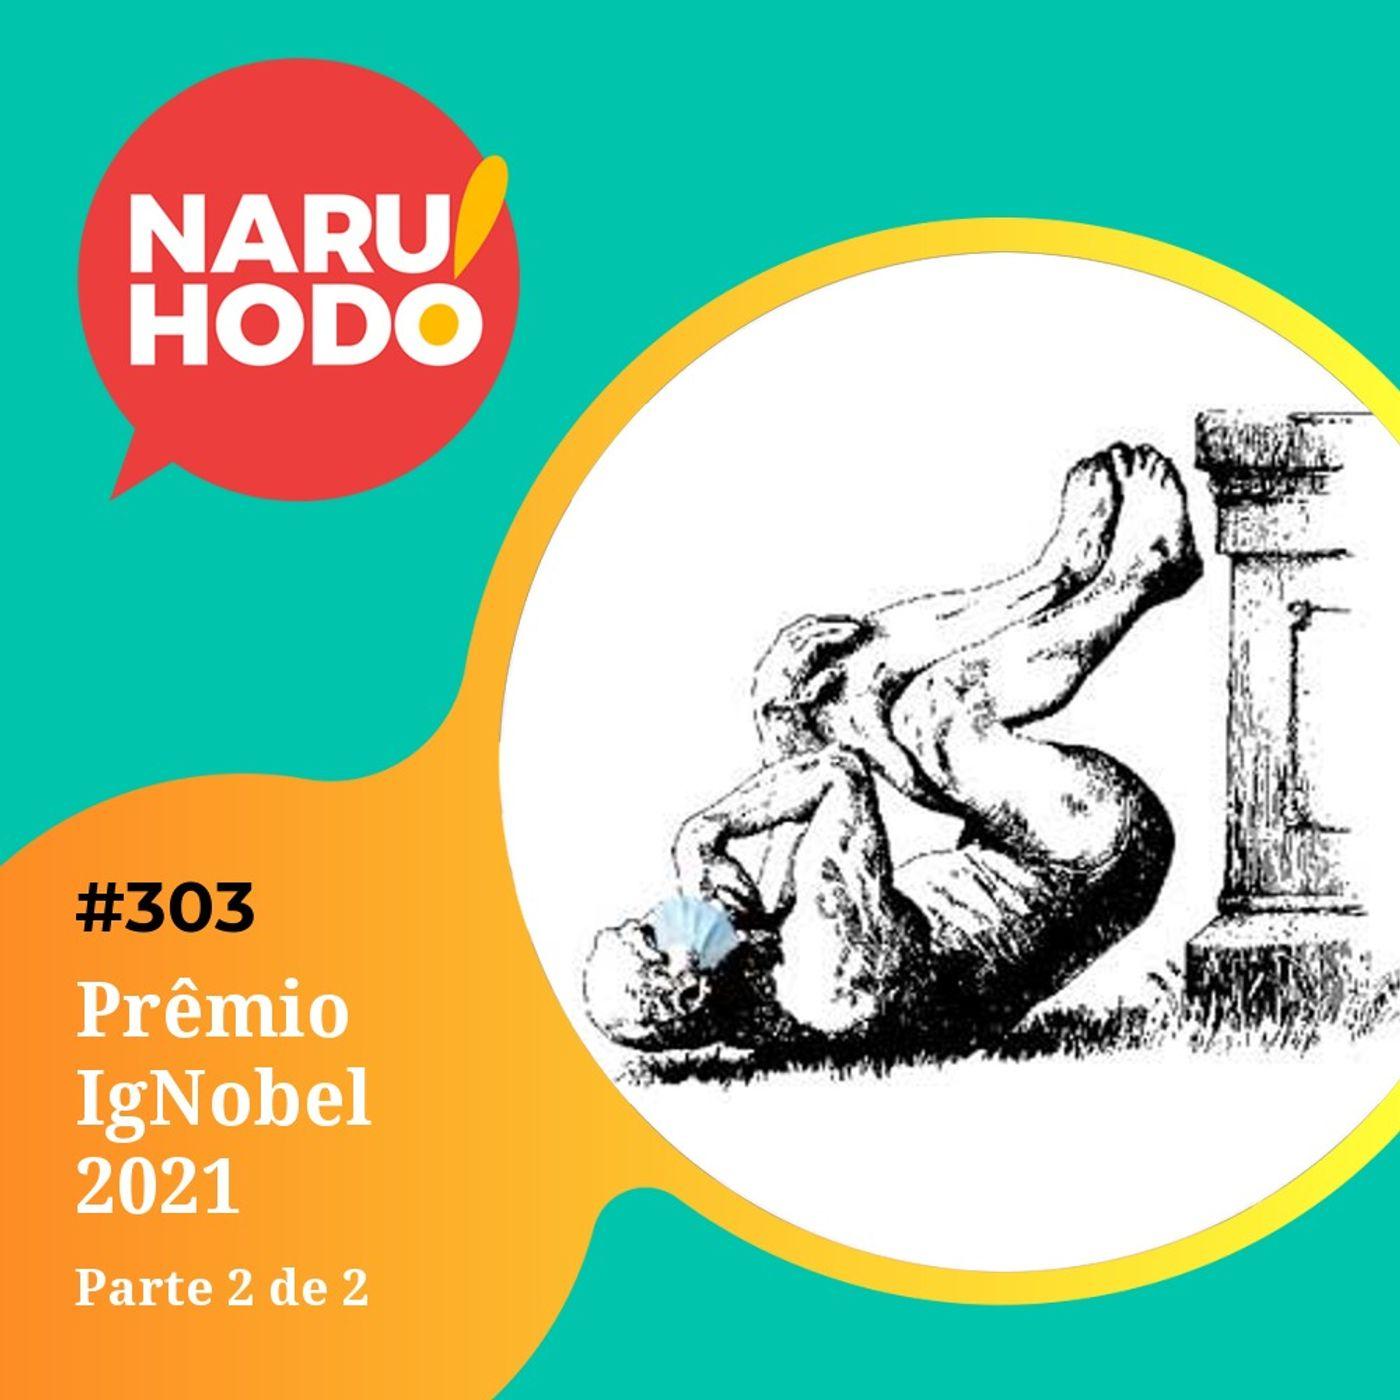 Naruhodo #303 - Prêmio IgNobel 2021 - Parte 2 de 2